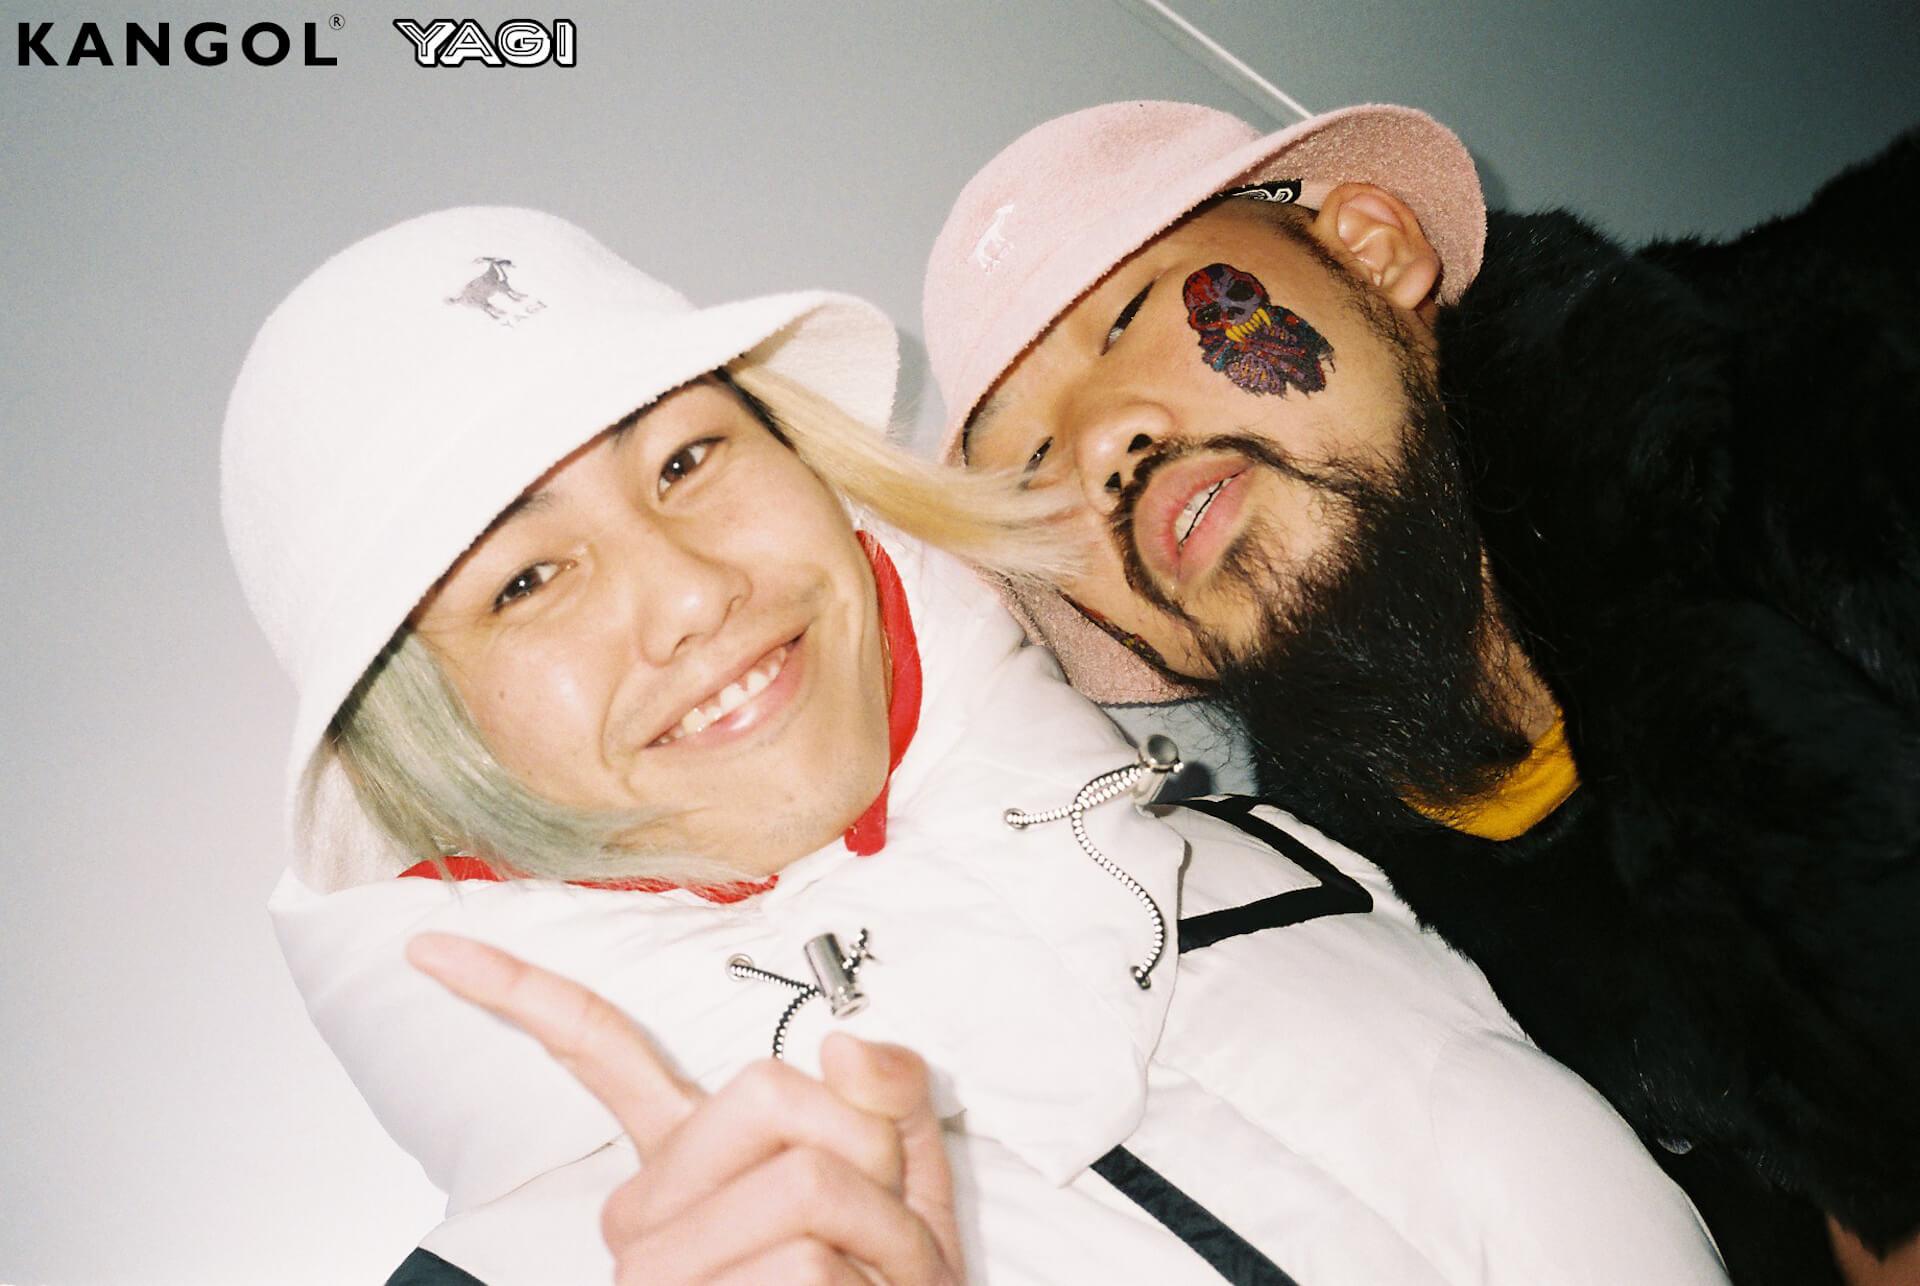 KANGOLがオカモトレイジ率いる「YAGI EXHIBITION」とコラボ|YAGIを配したオリジナルハット発売 life200302_yagi_kangol_17